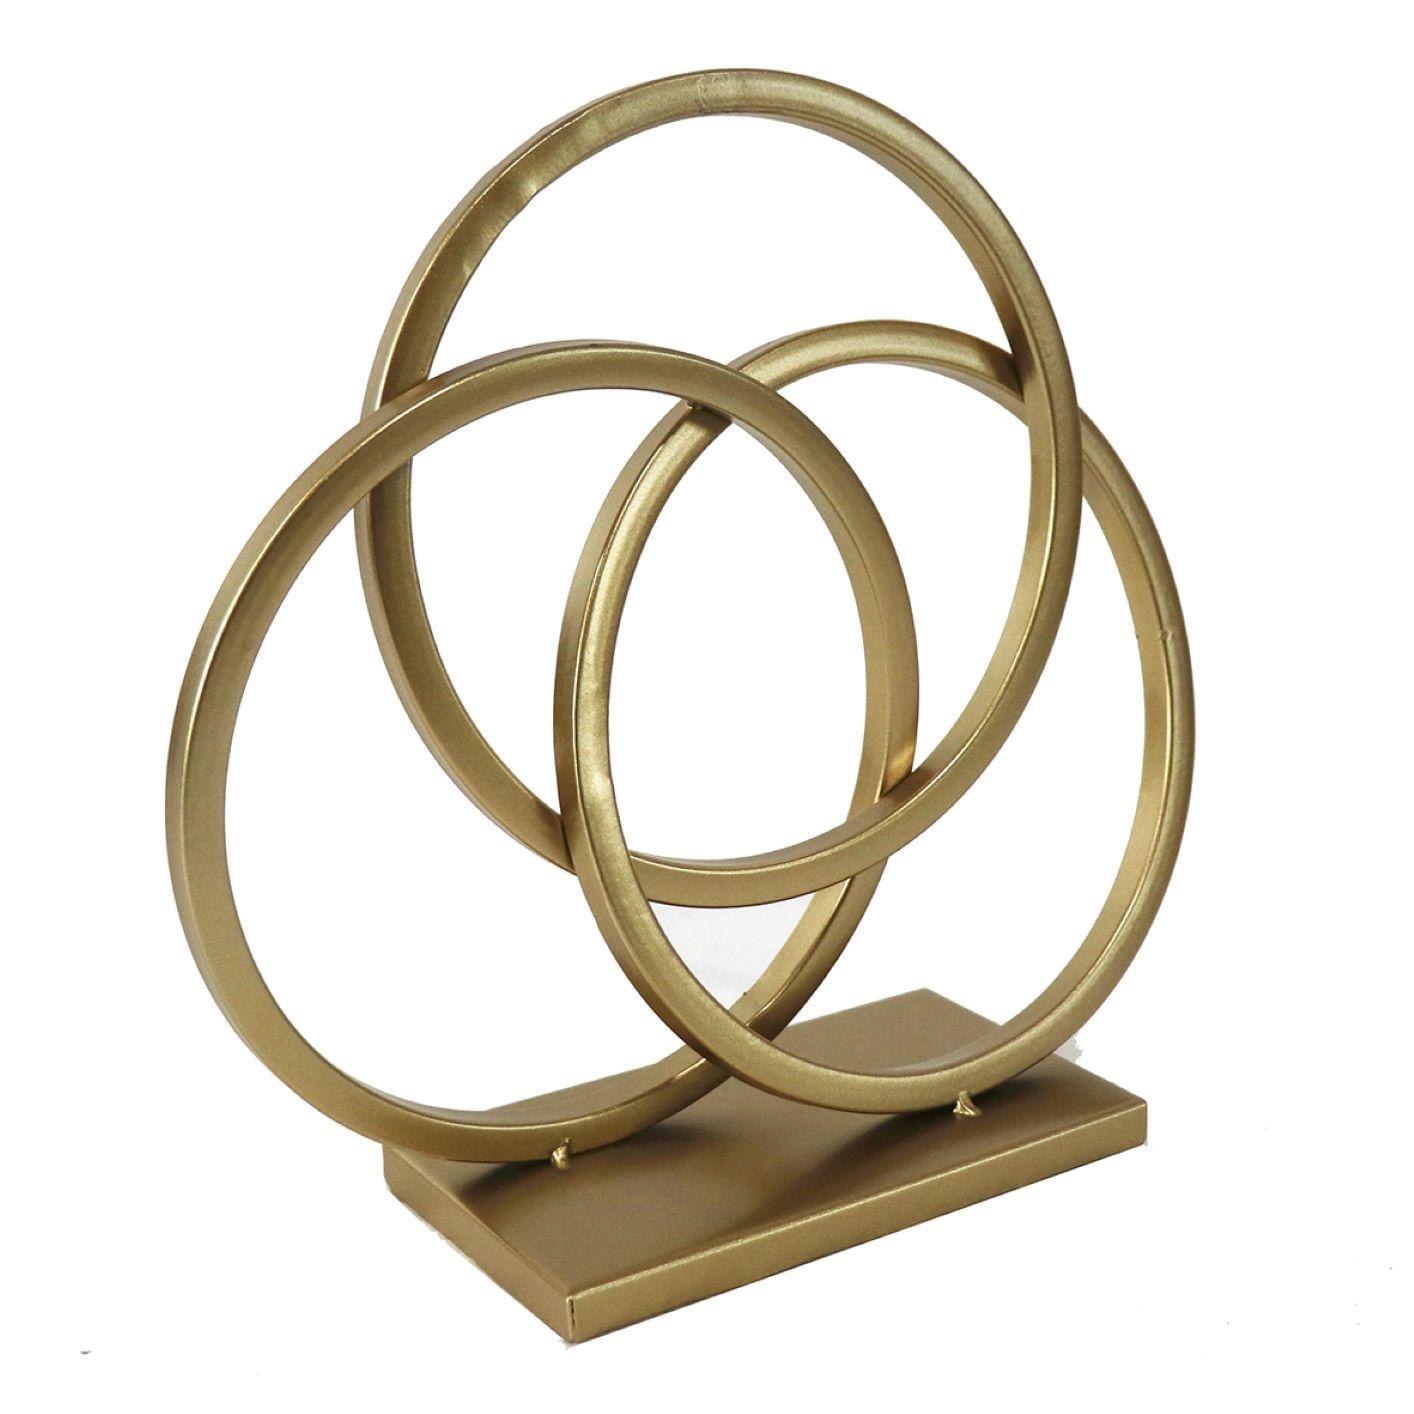 Escultura Abstrata Arcos Dourados - União Com Harmonia